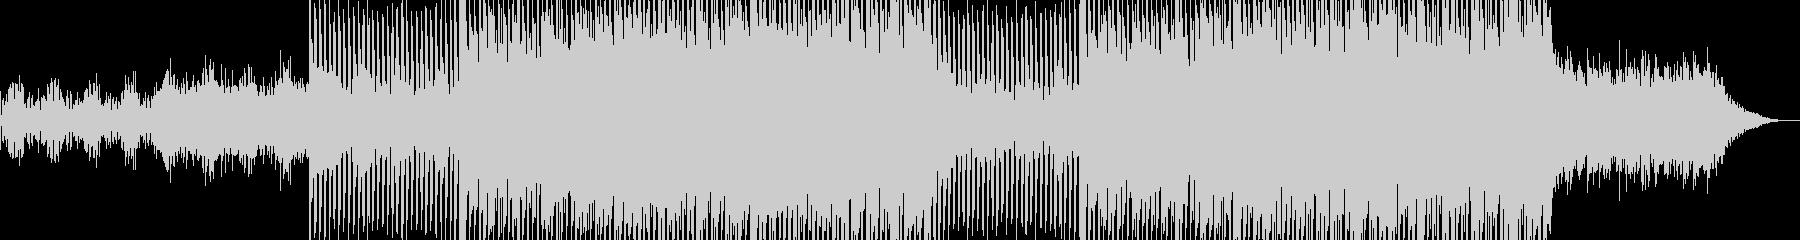 ポップなクラブ系ダンスEDM-05の未再生の波形